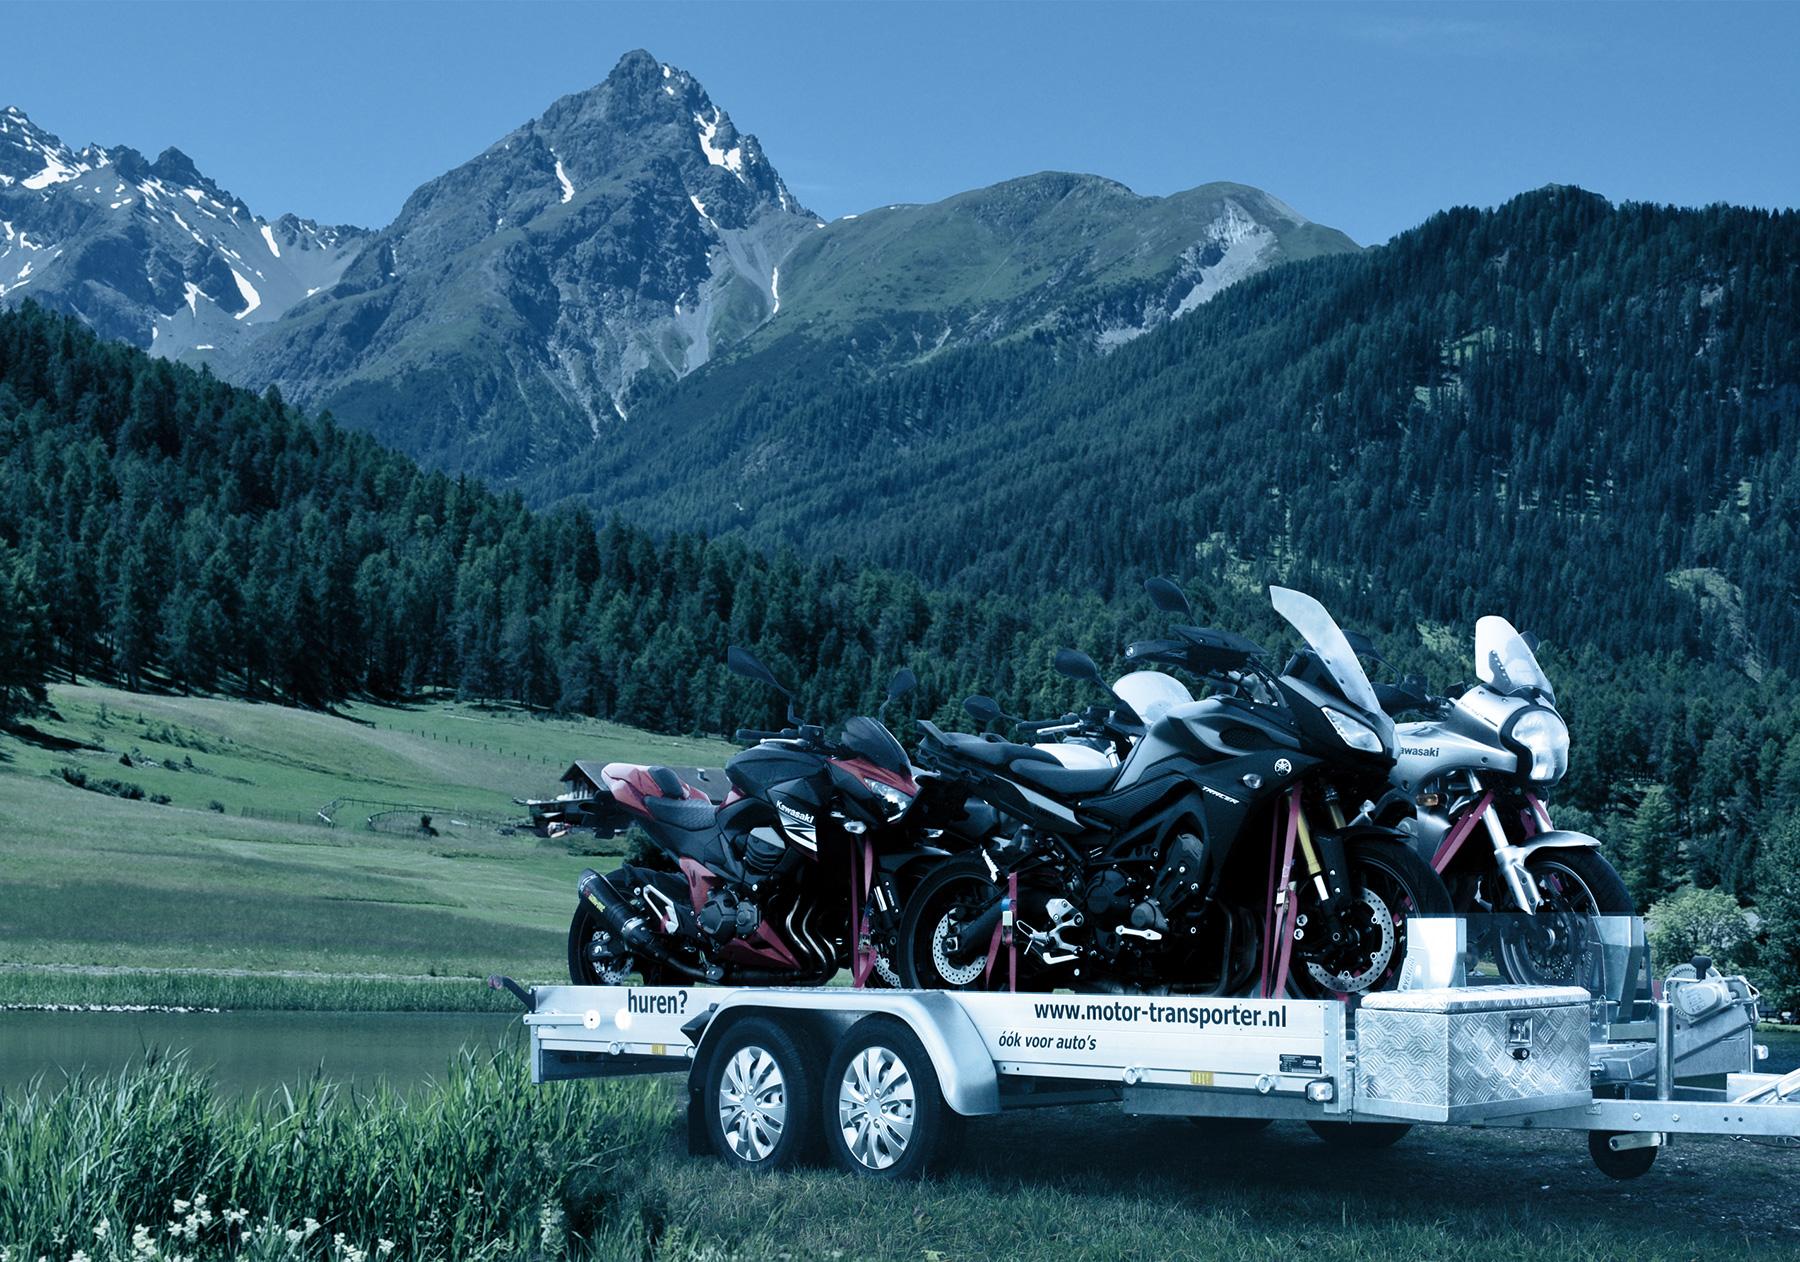 Motor-transporter motortrailer motoraanhanger